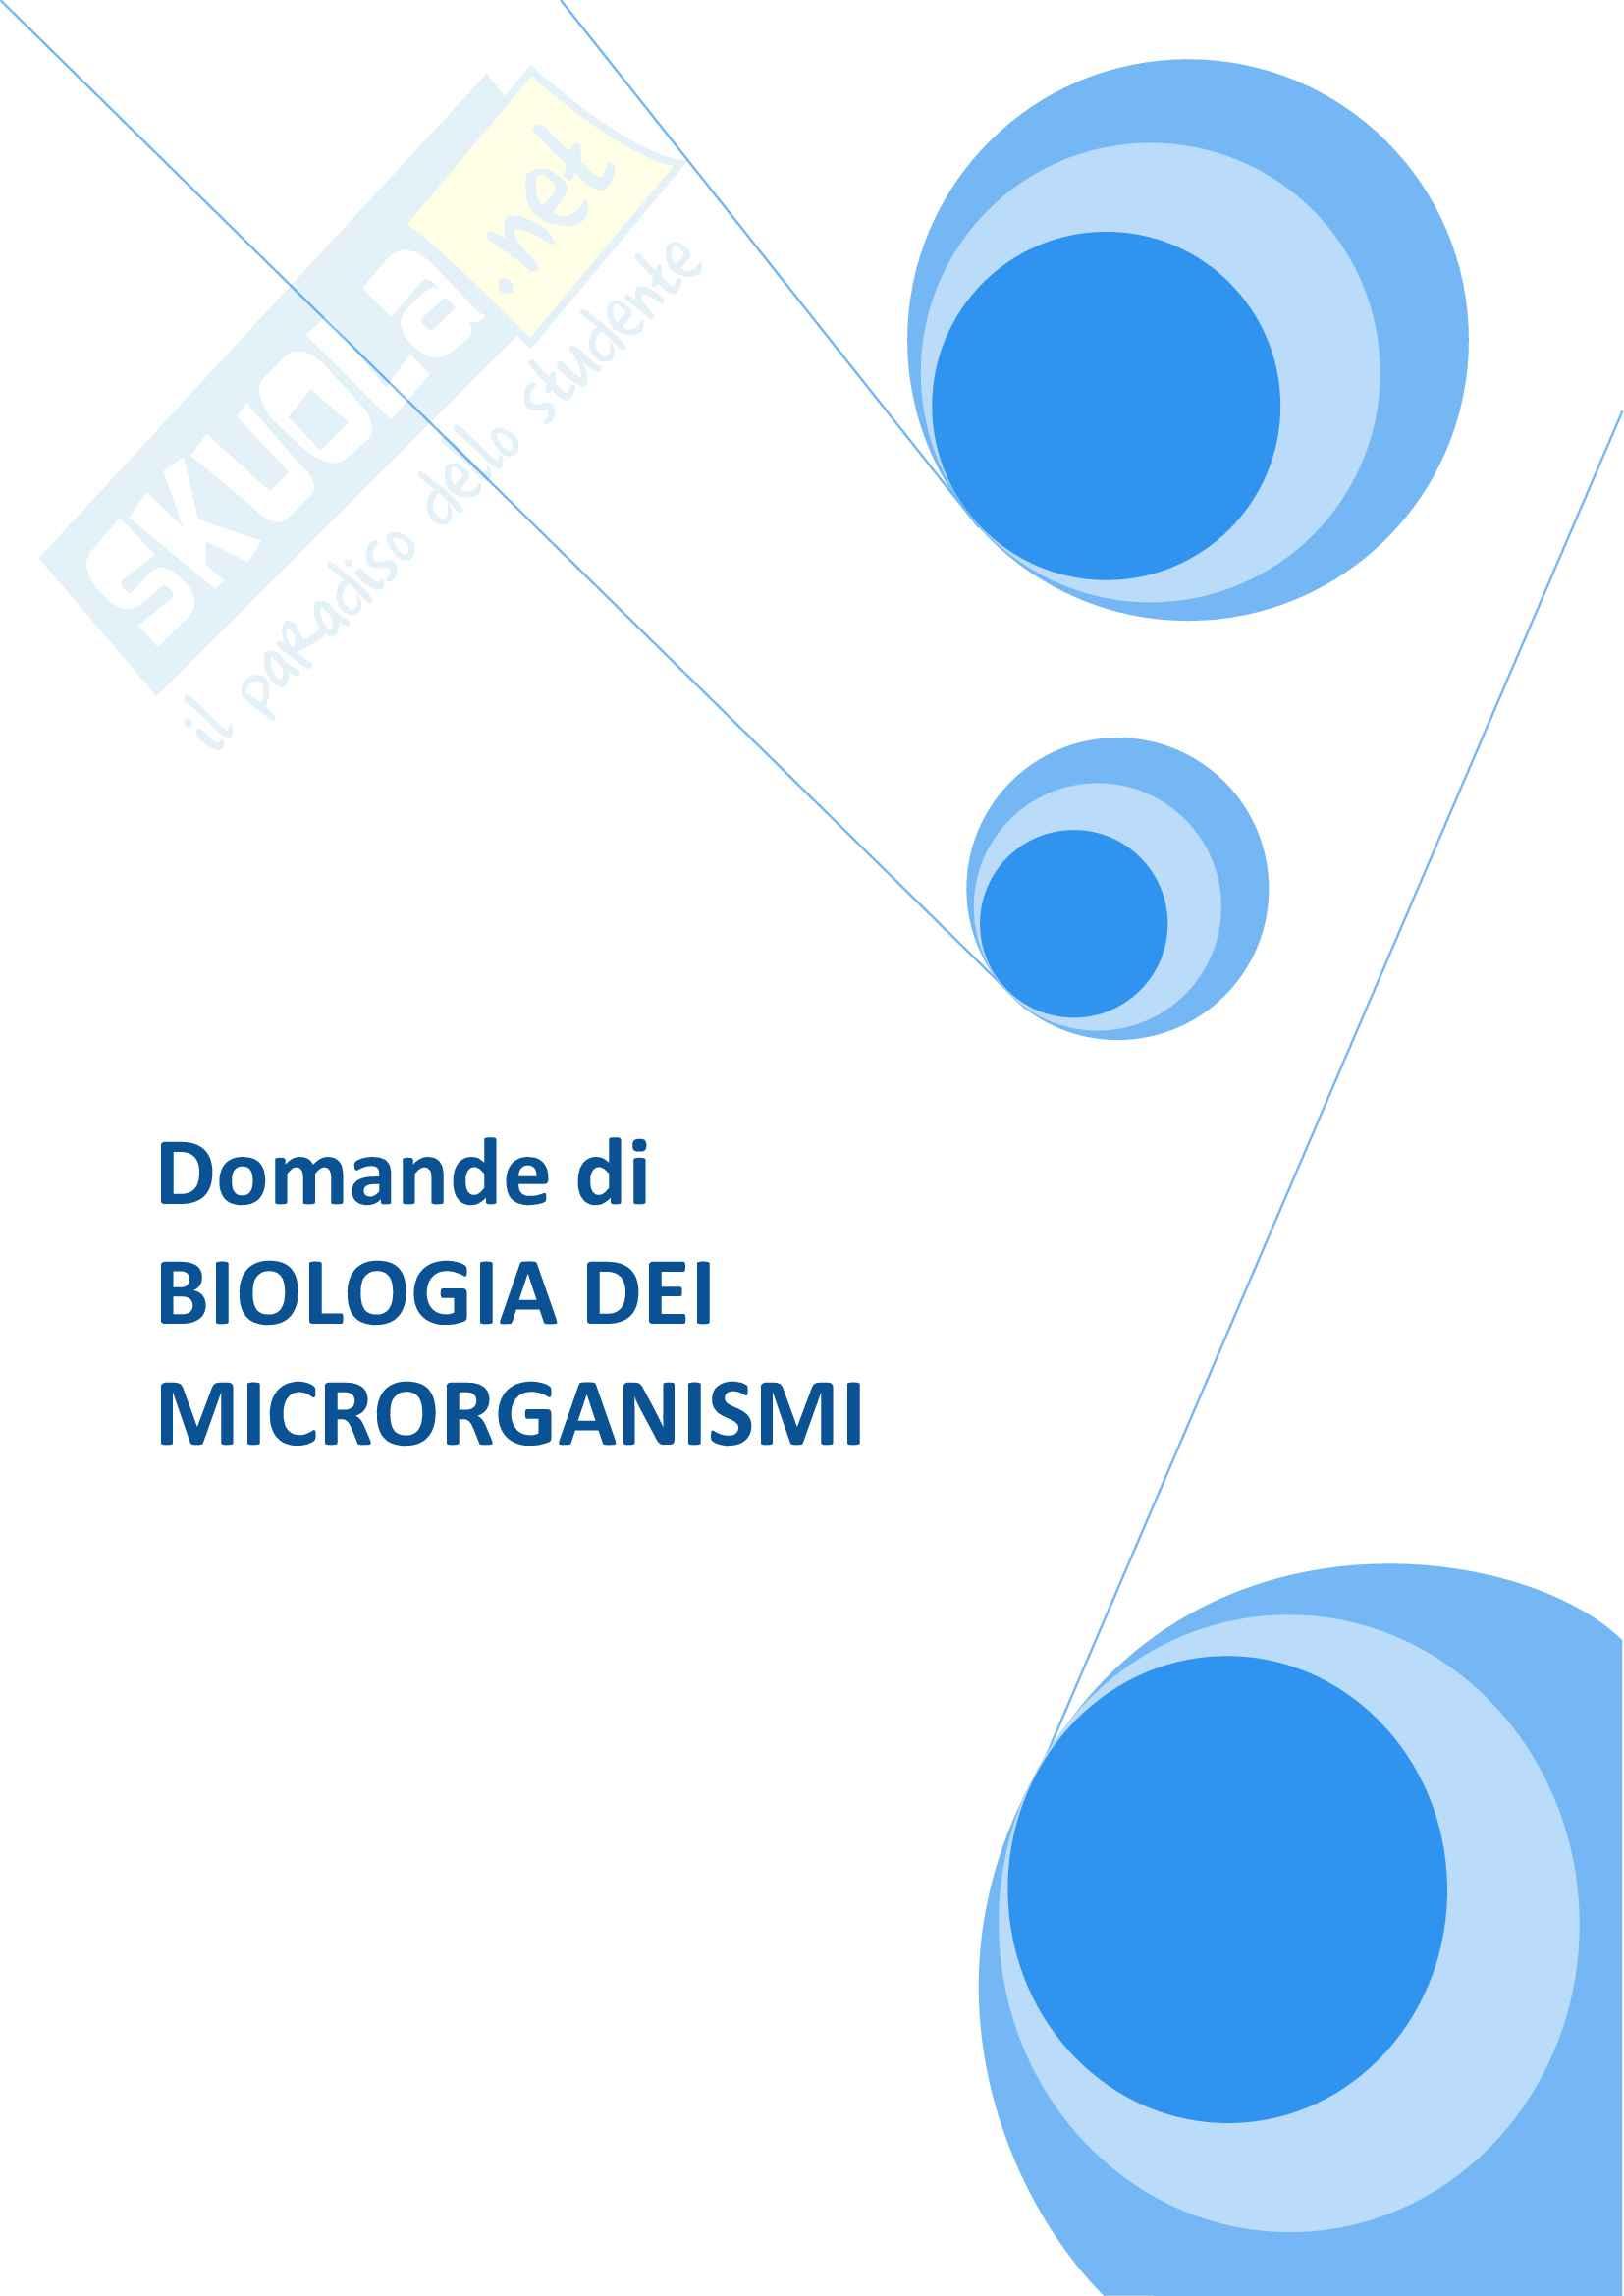 Domande e risposte d'esame di Microbiologia - Corso di Biologia dei Microrganismi